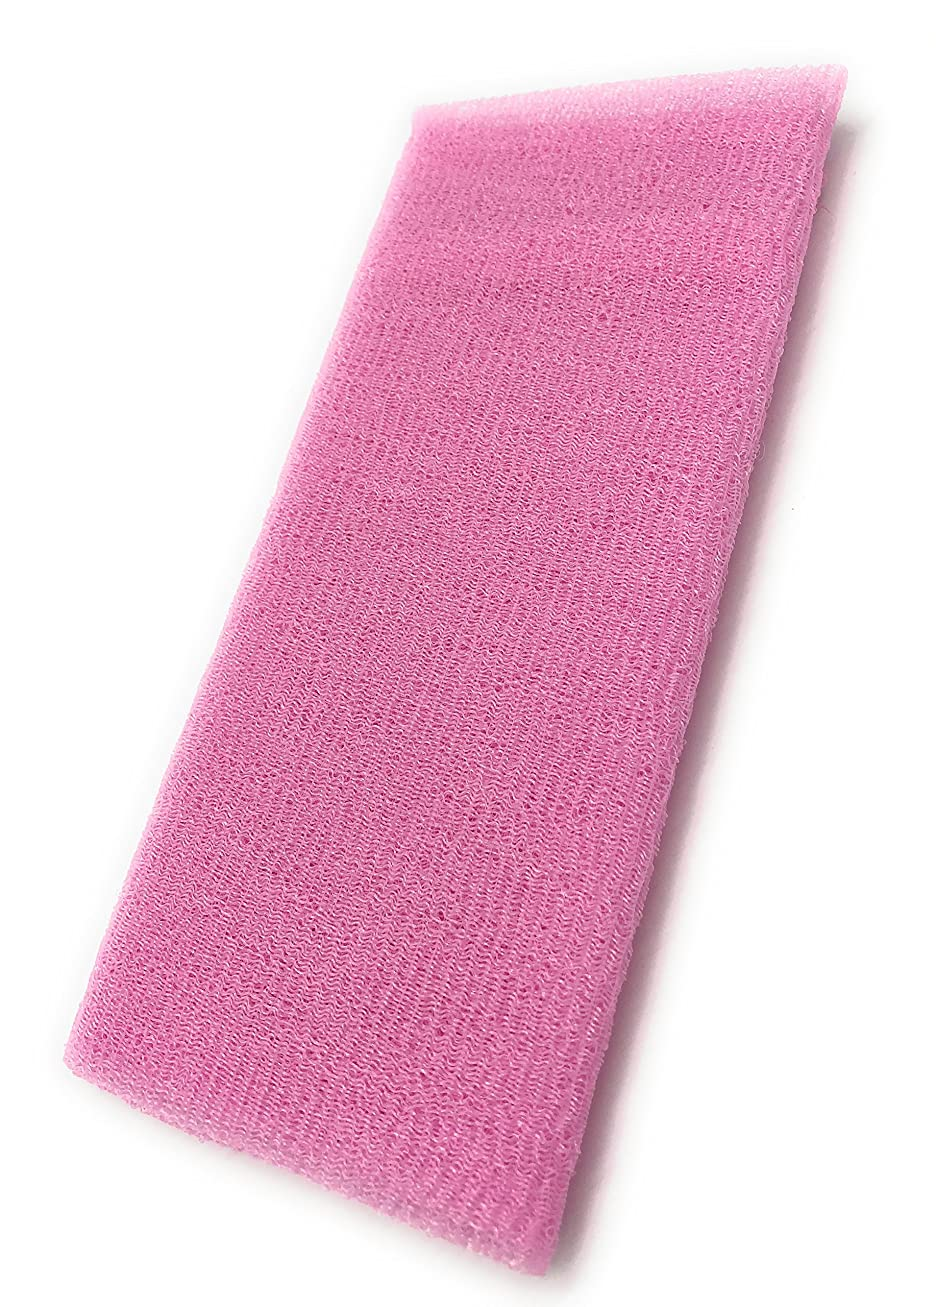 ふくろう組み合わせきょうだいMaltose あかすりタオル ボディタオル ロングボディブラシ やわらか 濃密泡 背中 お風呂用 メンズ 5色 (ピンク)